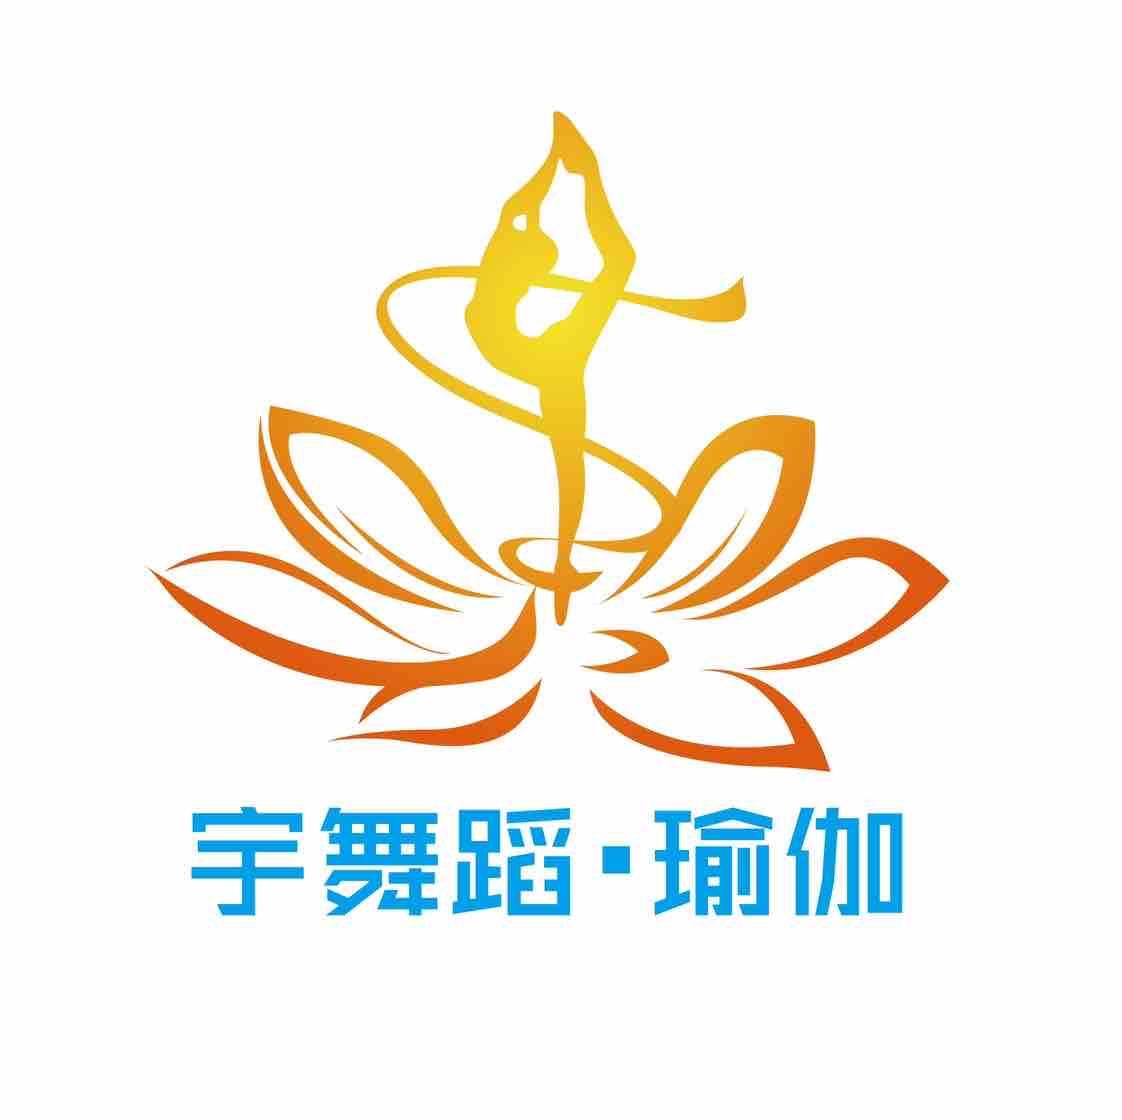 宇舞蹈瑜伽工作室